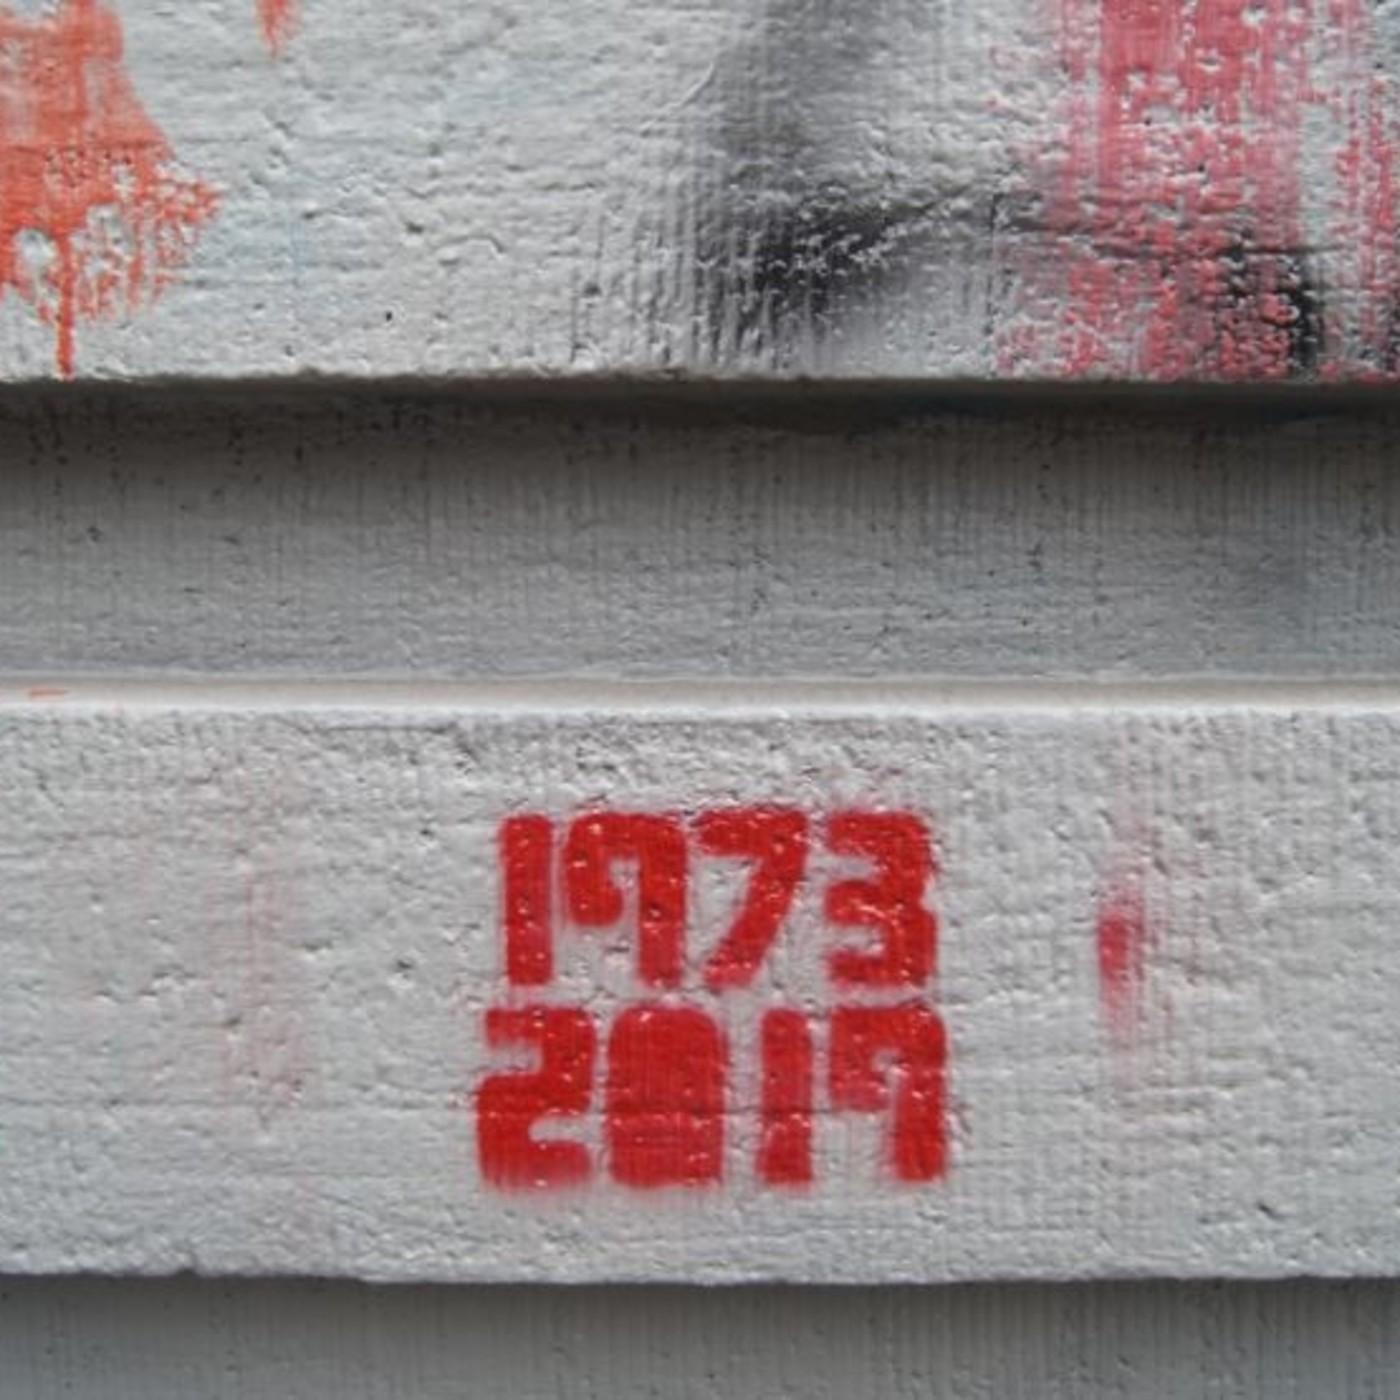 ESPECIAL. El 11 de septiembre y la refundación de Chile